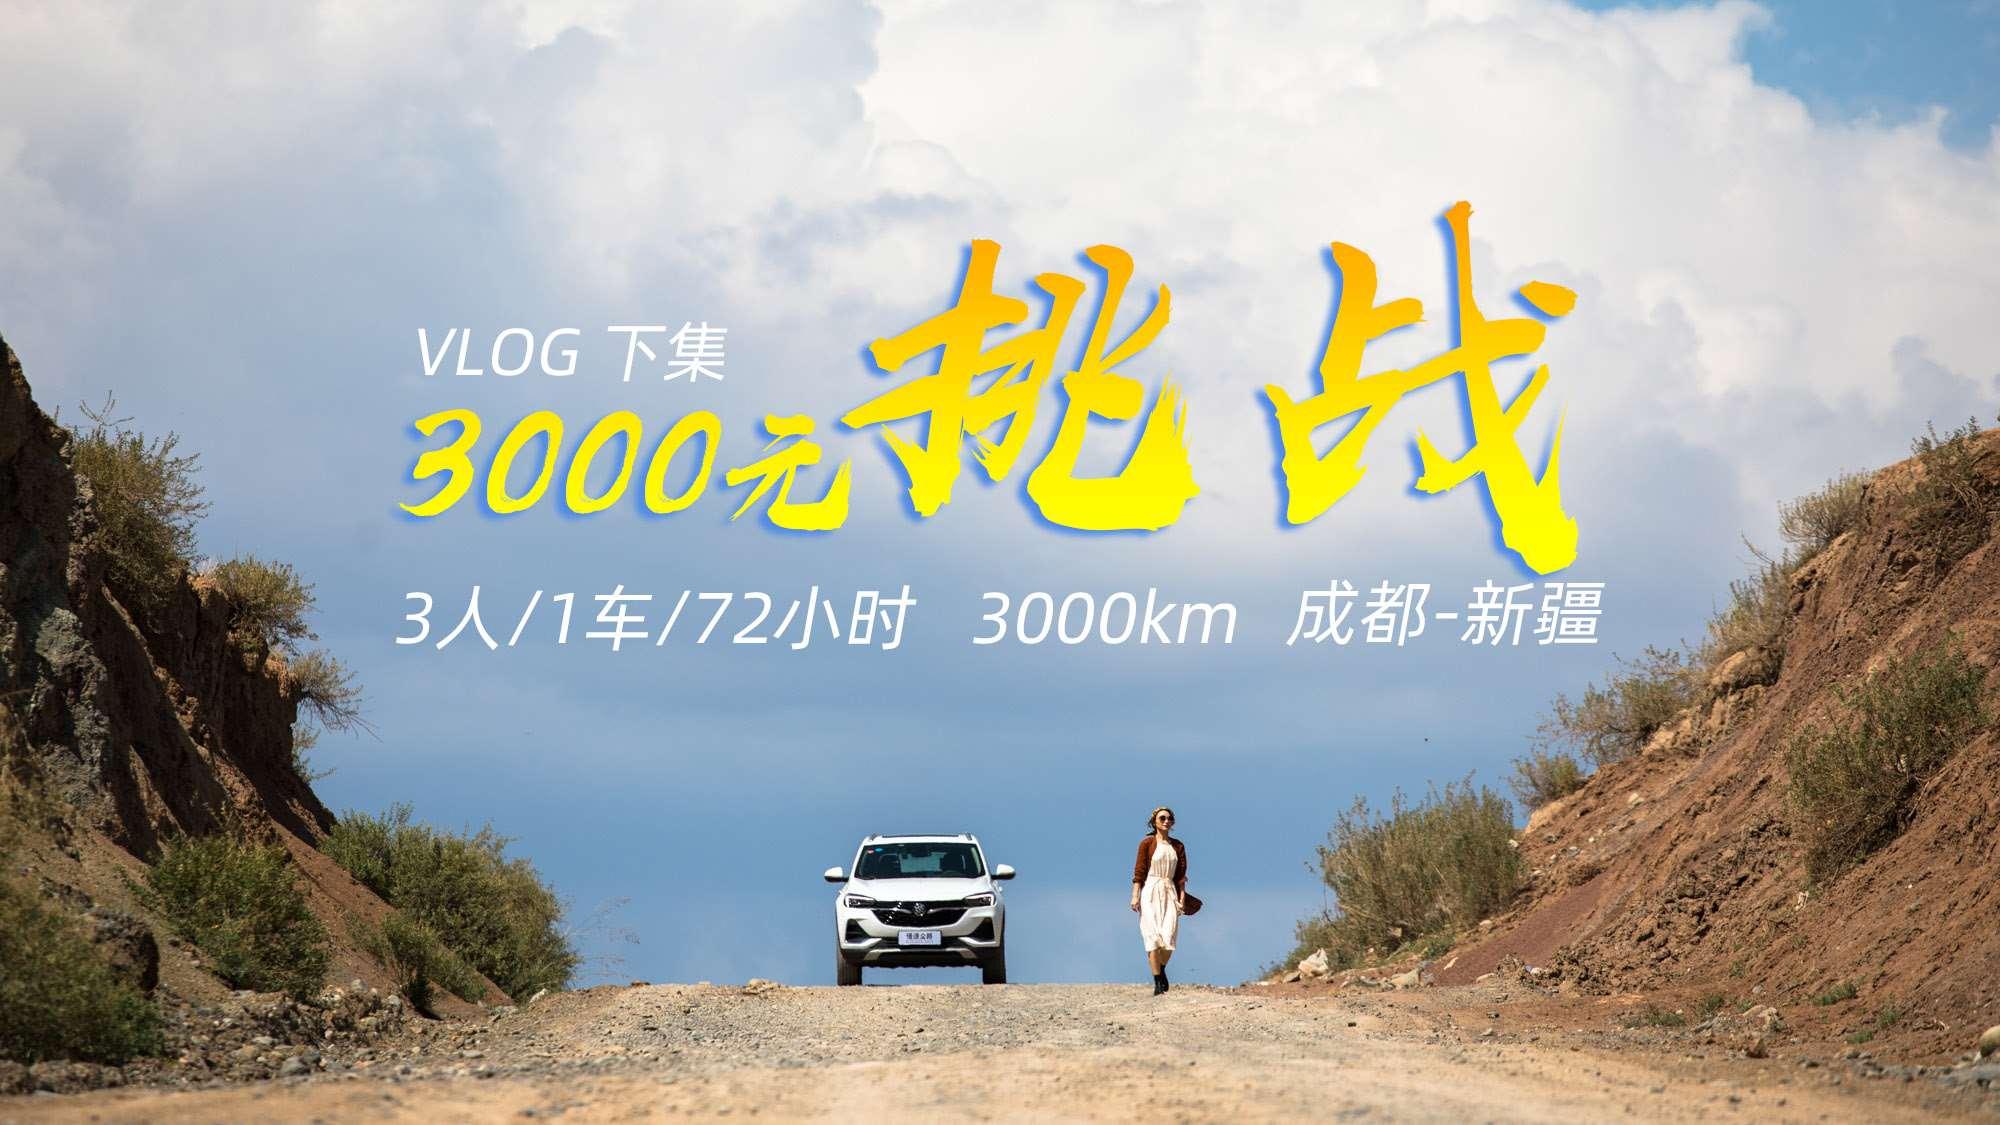 3000元挑战成都开车到新疆Day3 这个结局你猜到了吗